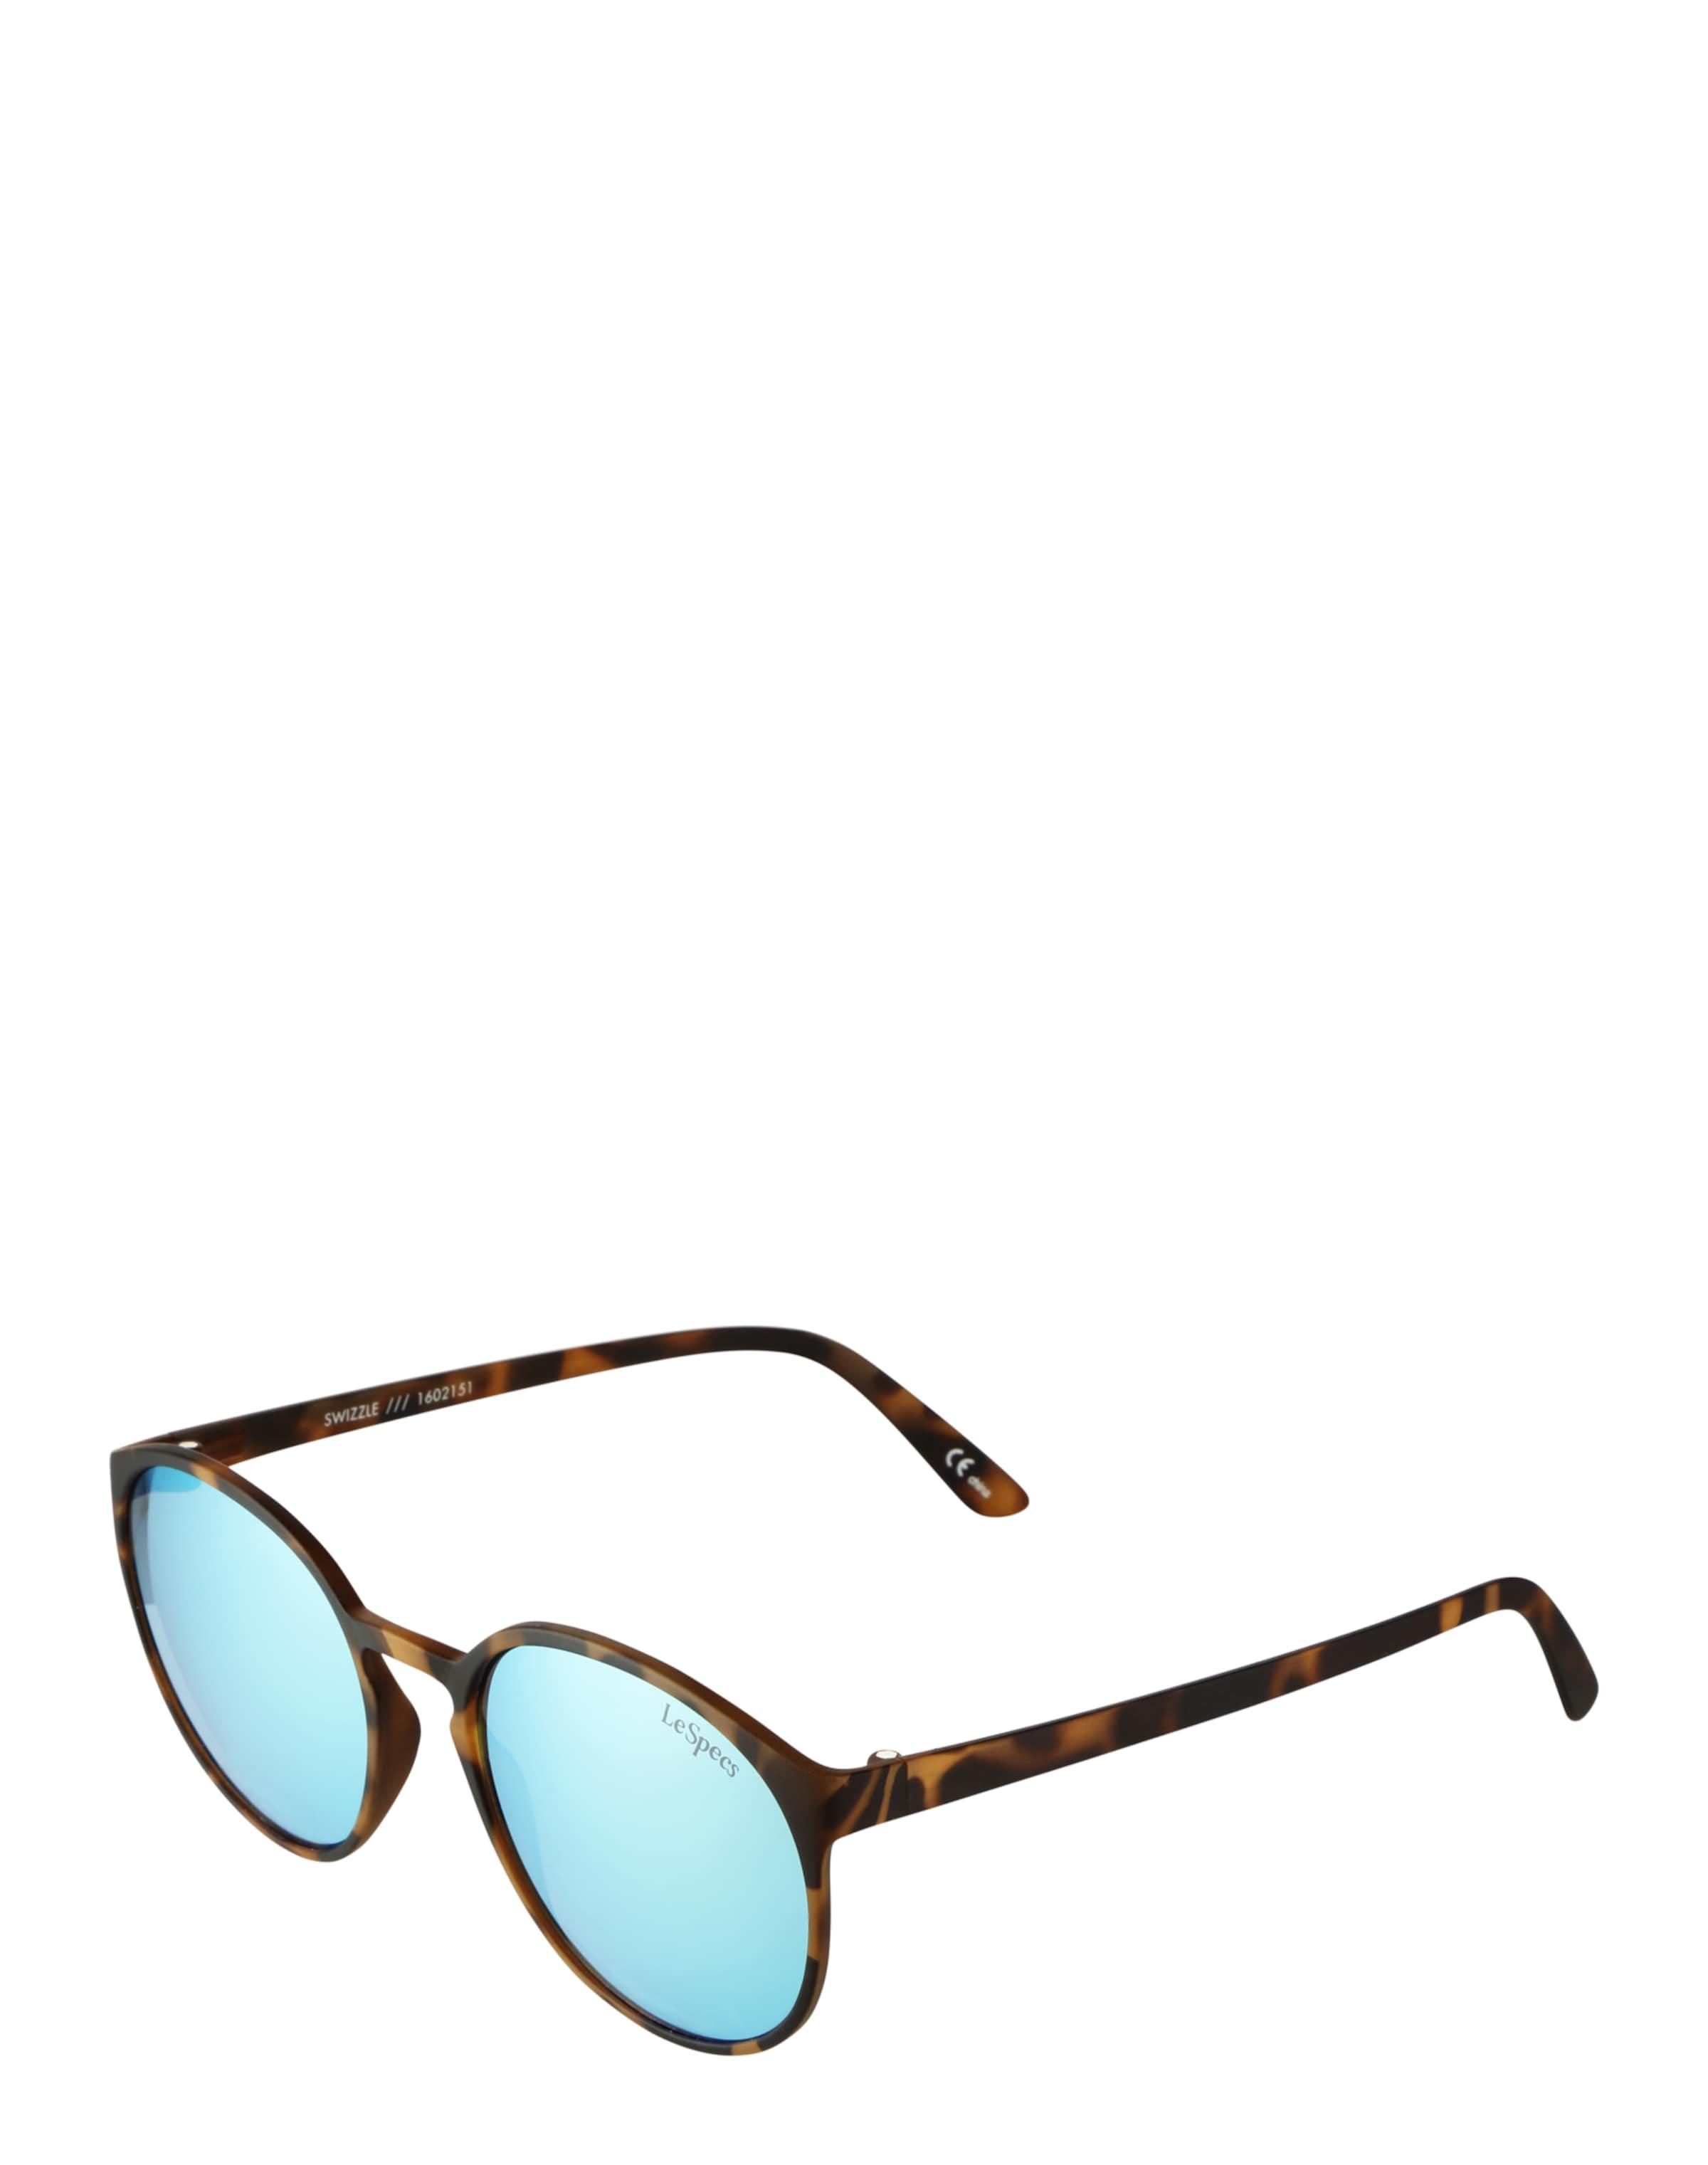 LE SPECS Sonnenbrille 'Swizzle' Rabatt Echt Sehr Billig Zu Verkaufen uIU8k1Ws39